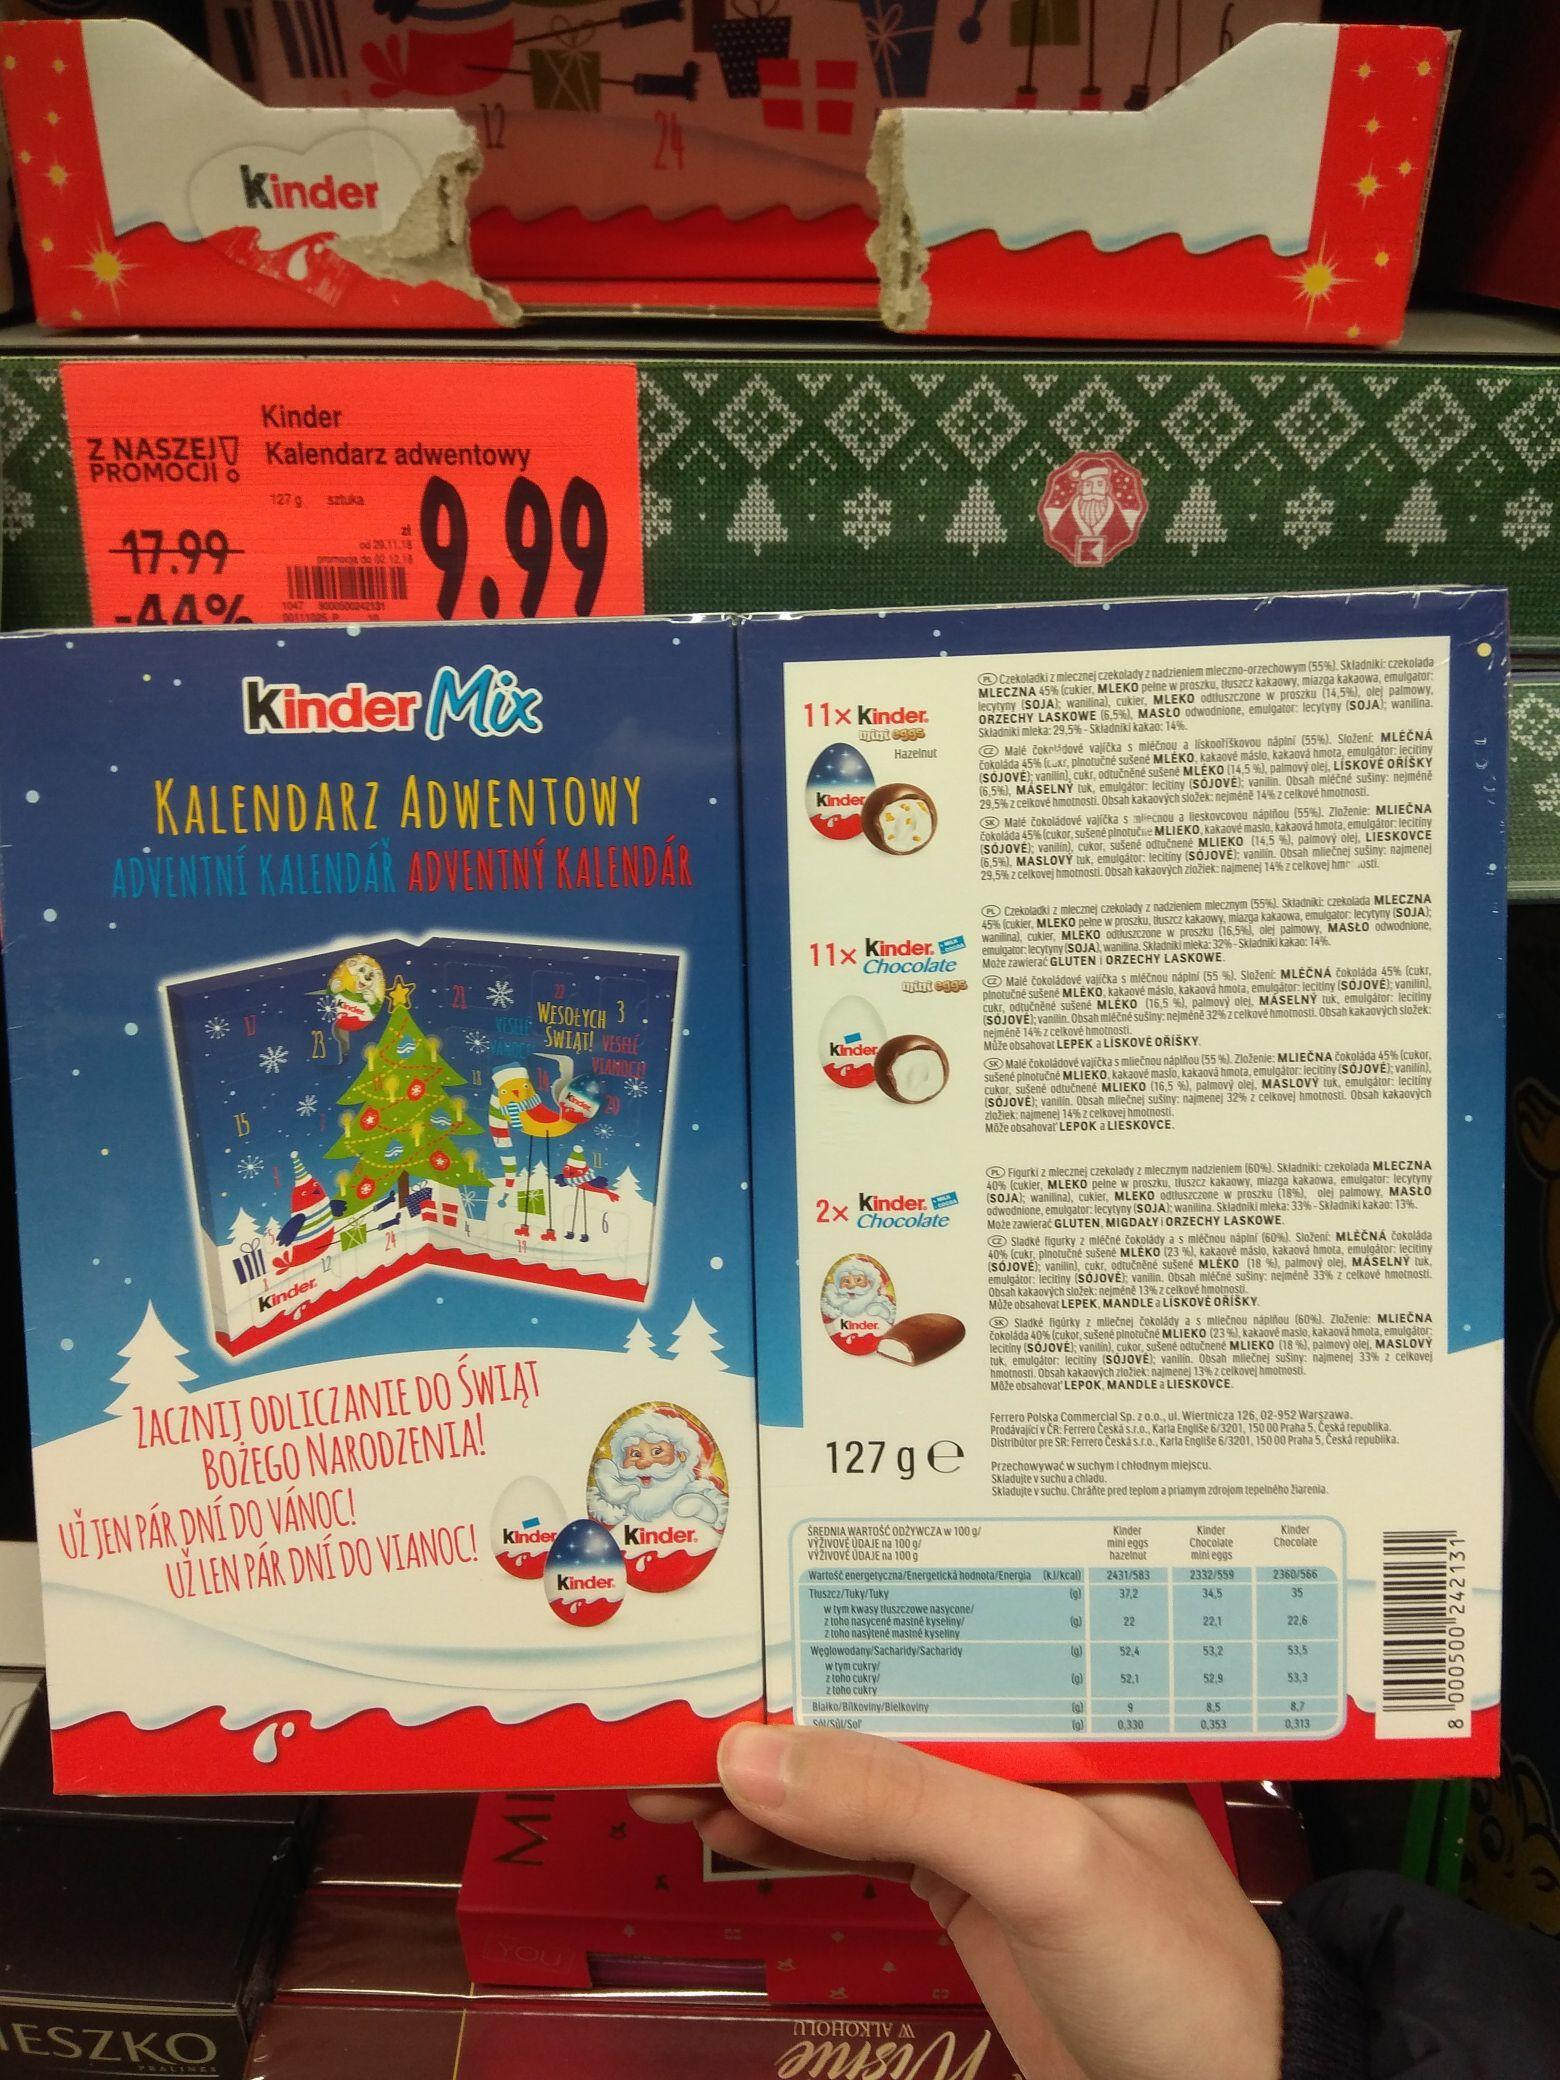 Kinder kalendarz adwentowy w Kauflandzie - oferta ogólnopolska